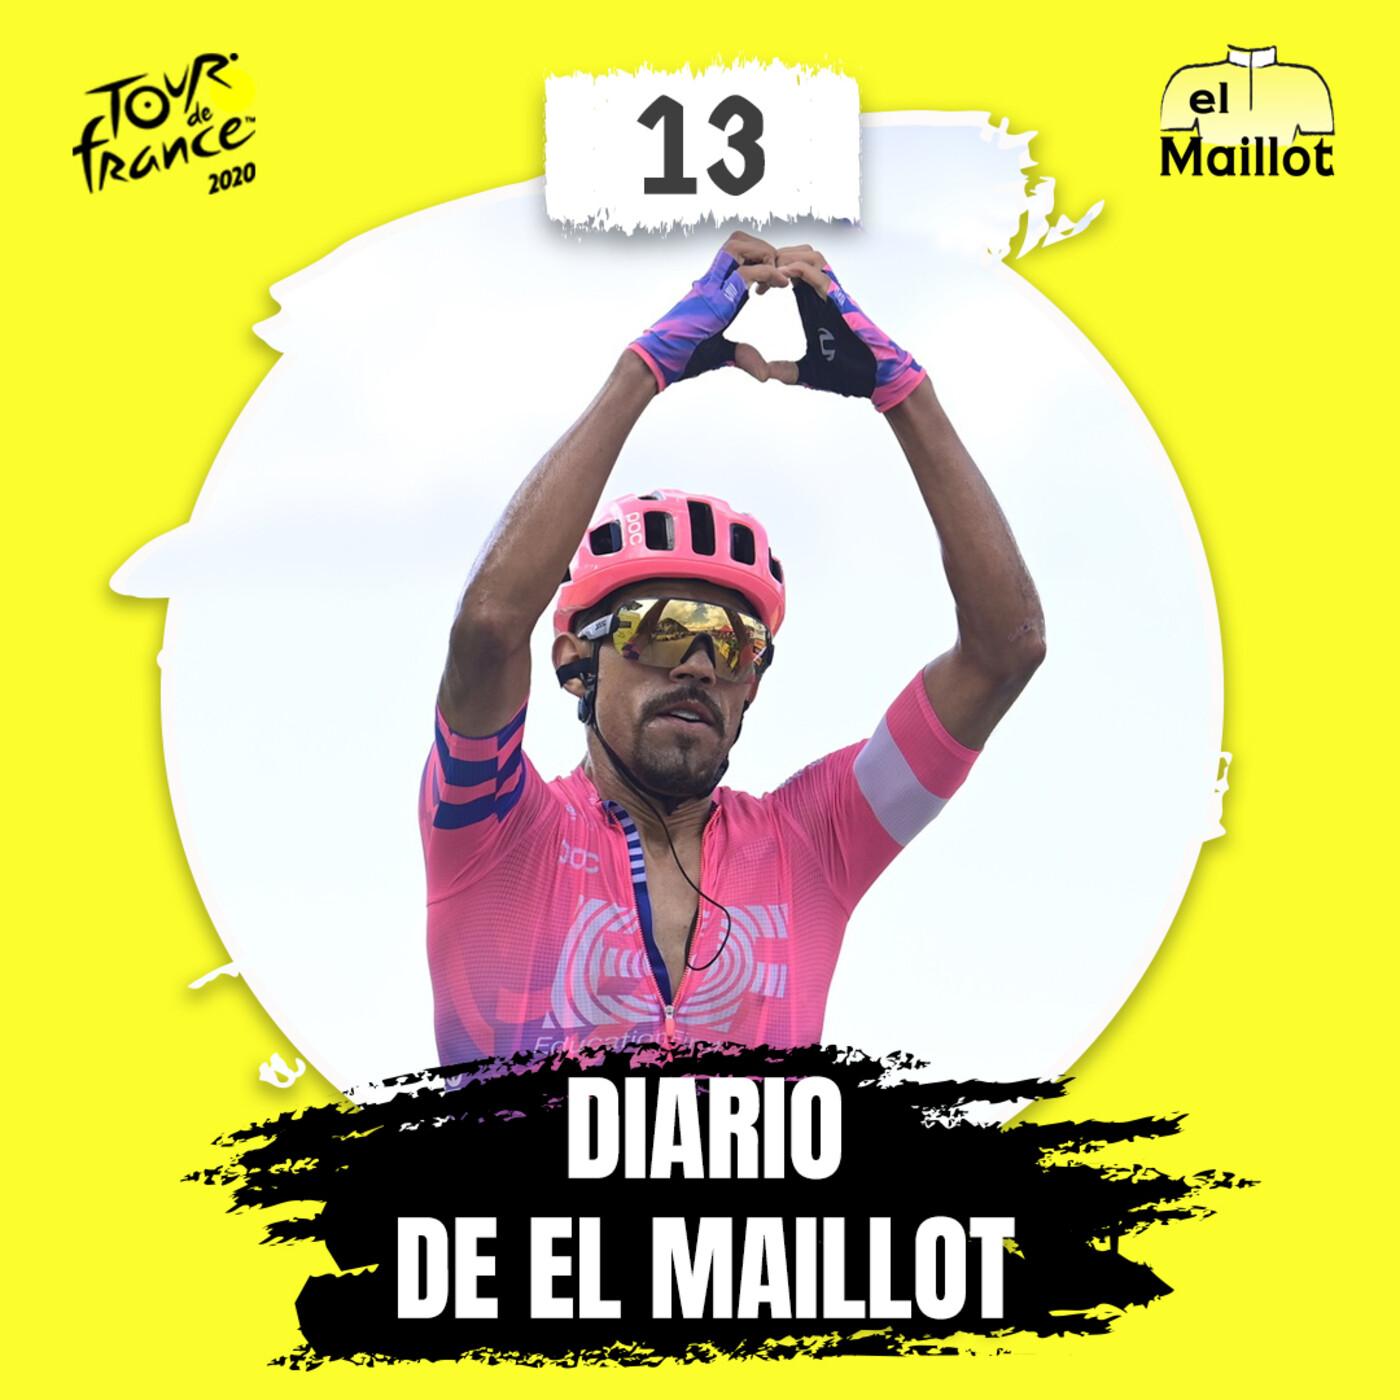 Diario El Maillot | Tour de Francia 2020: 13ª etapa